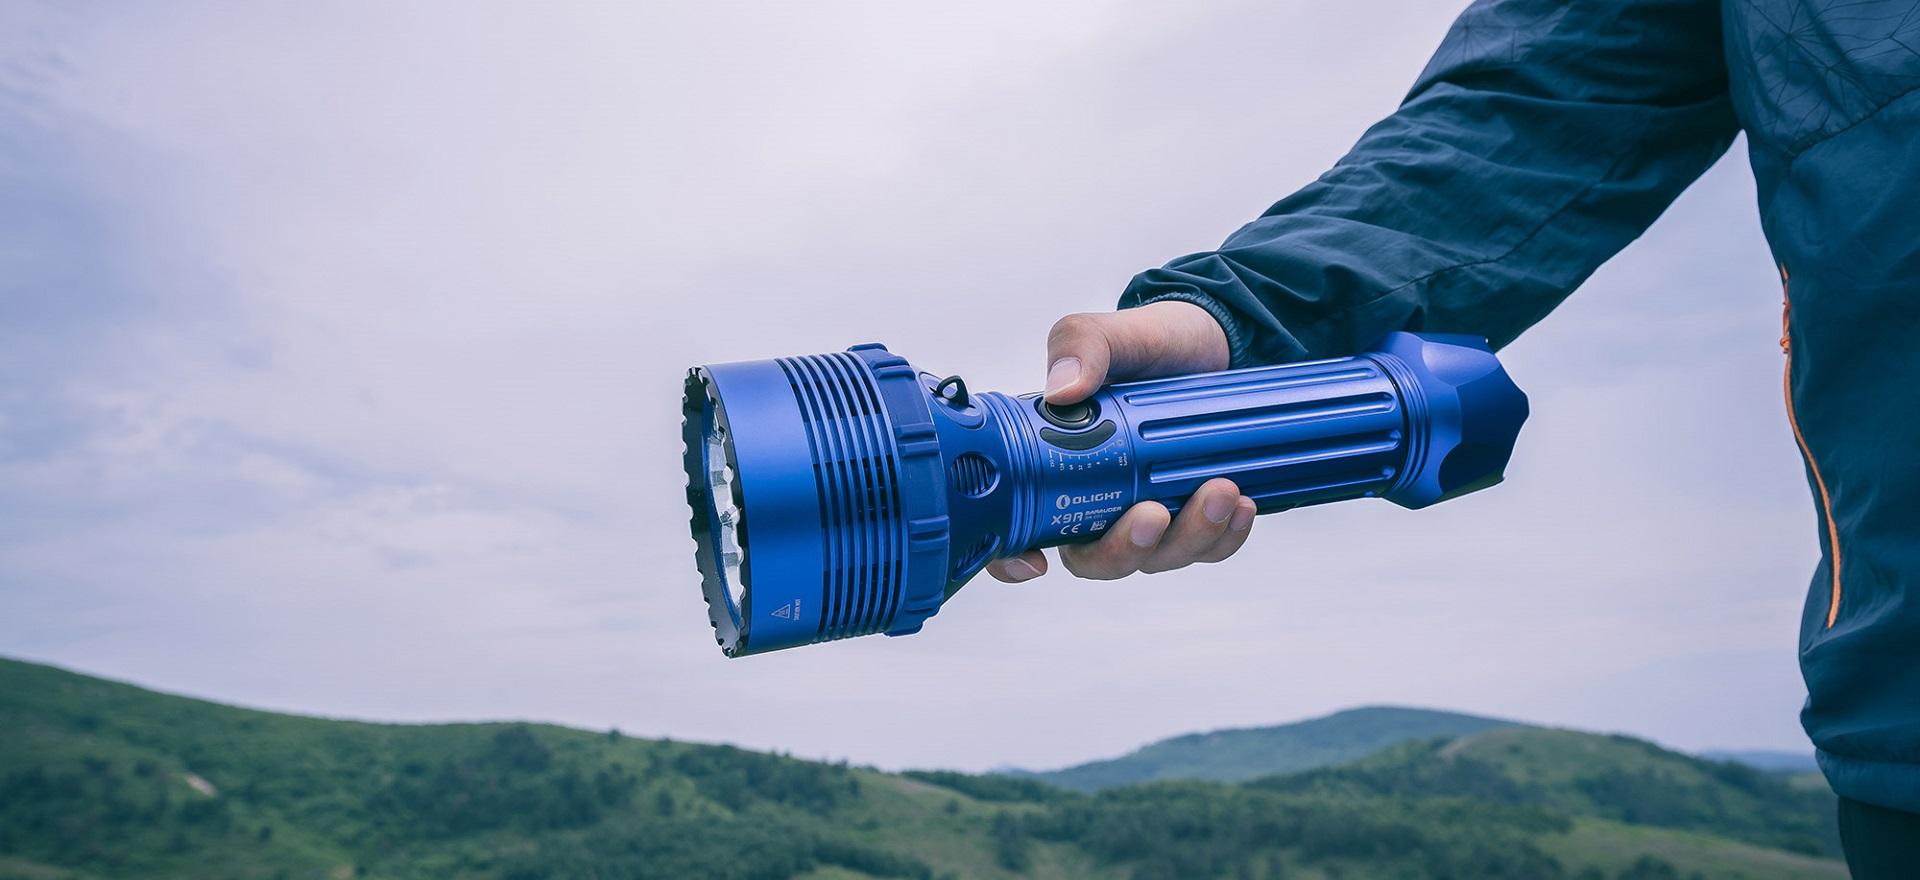 Comment choisir une lampe torche puissante ?